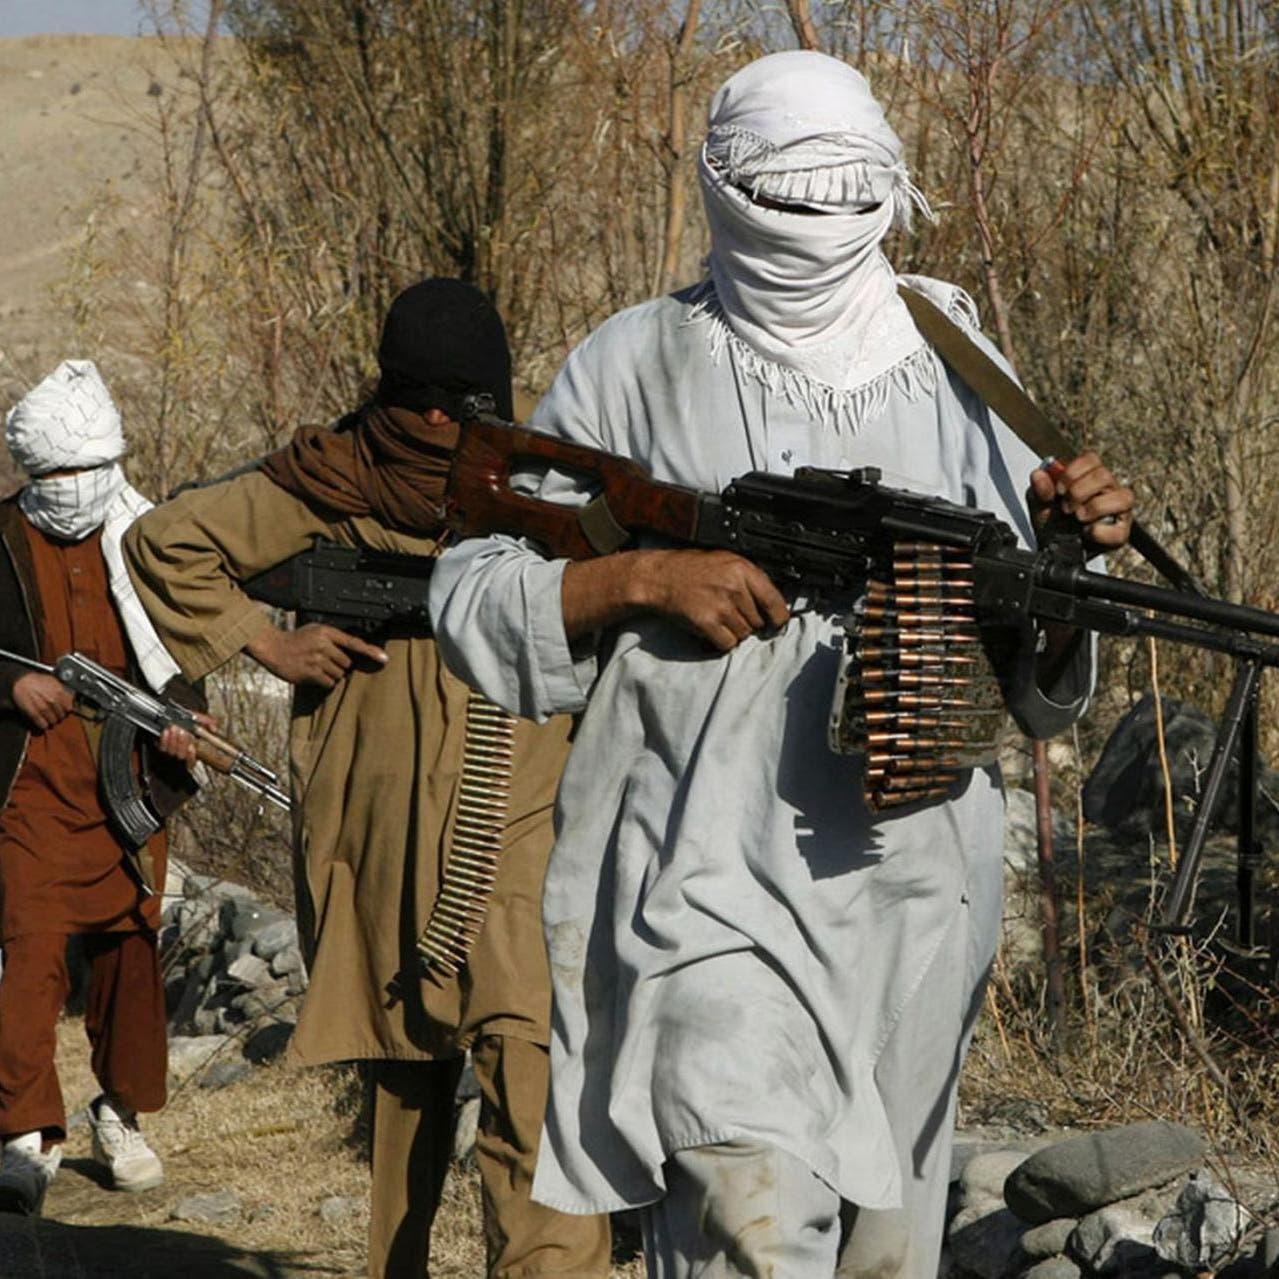 7 قتلى من الأمن الأفغاني بهجوم لطالبان